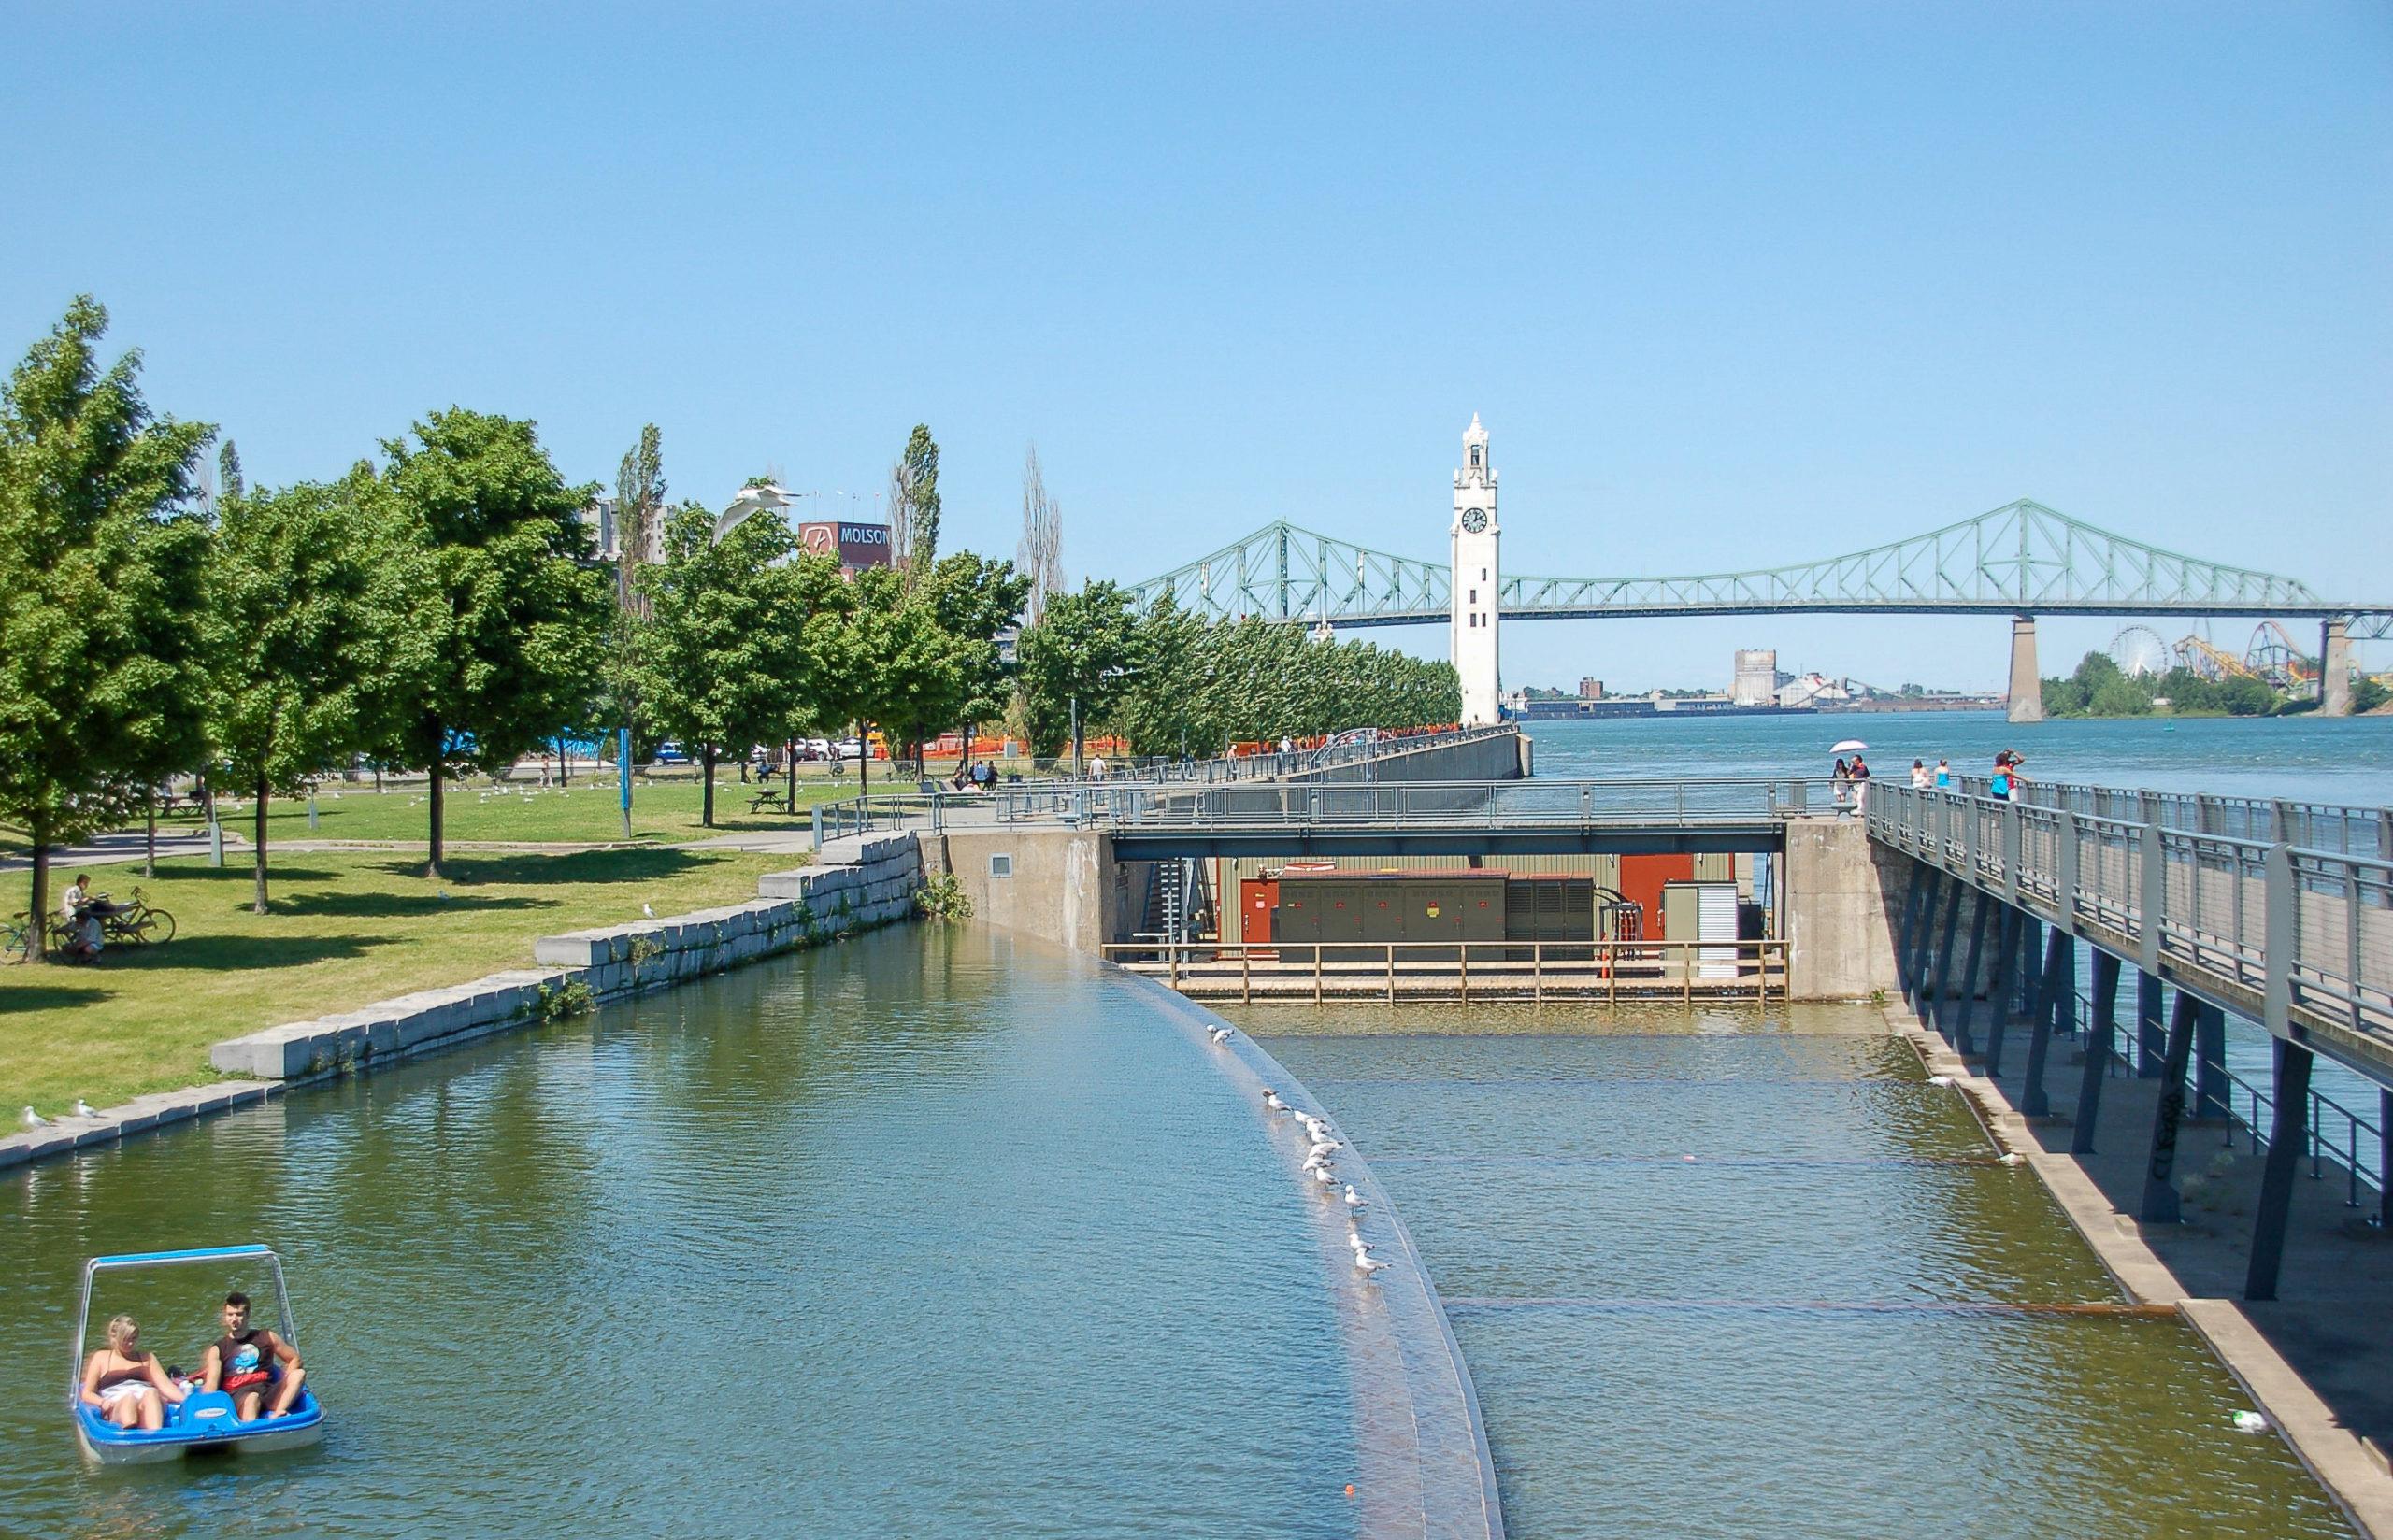 Tretboot auf Gewässer vor dem Sankt-Lorenz-Strom in Montreal